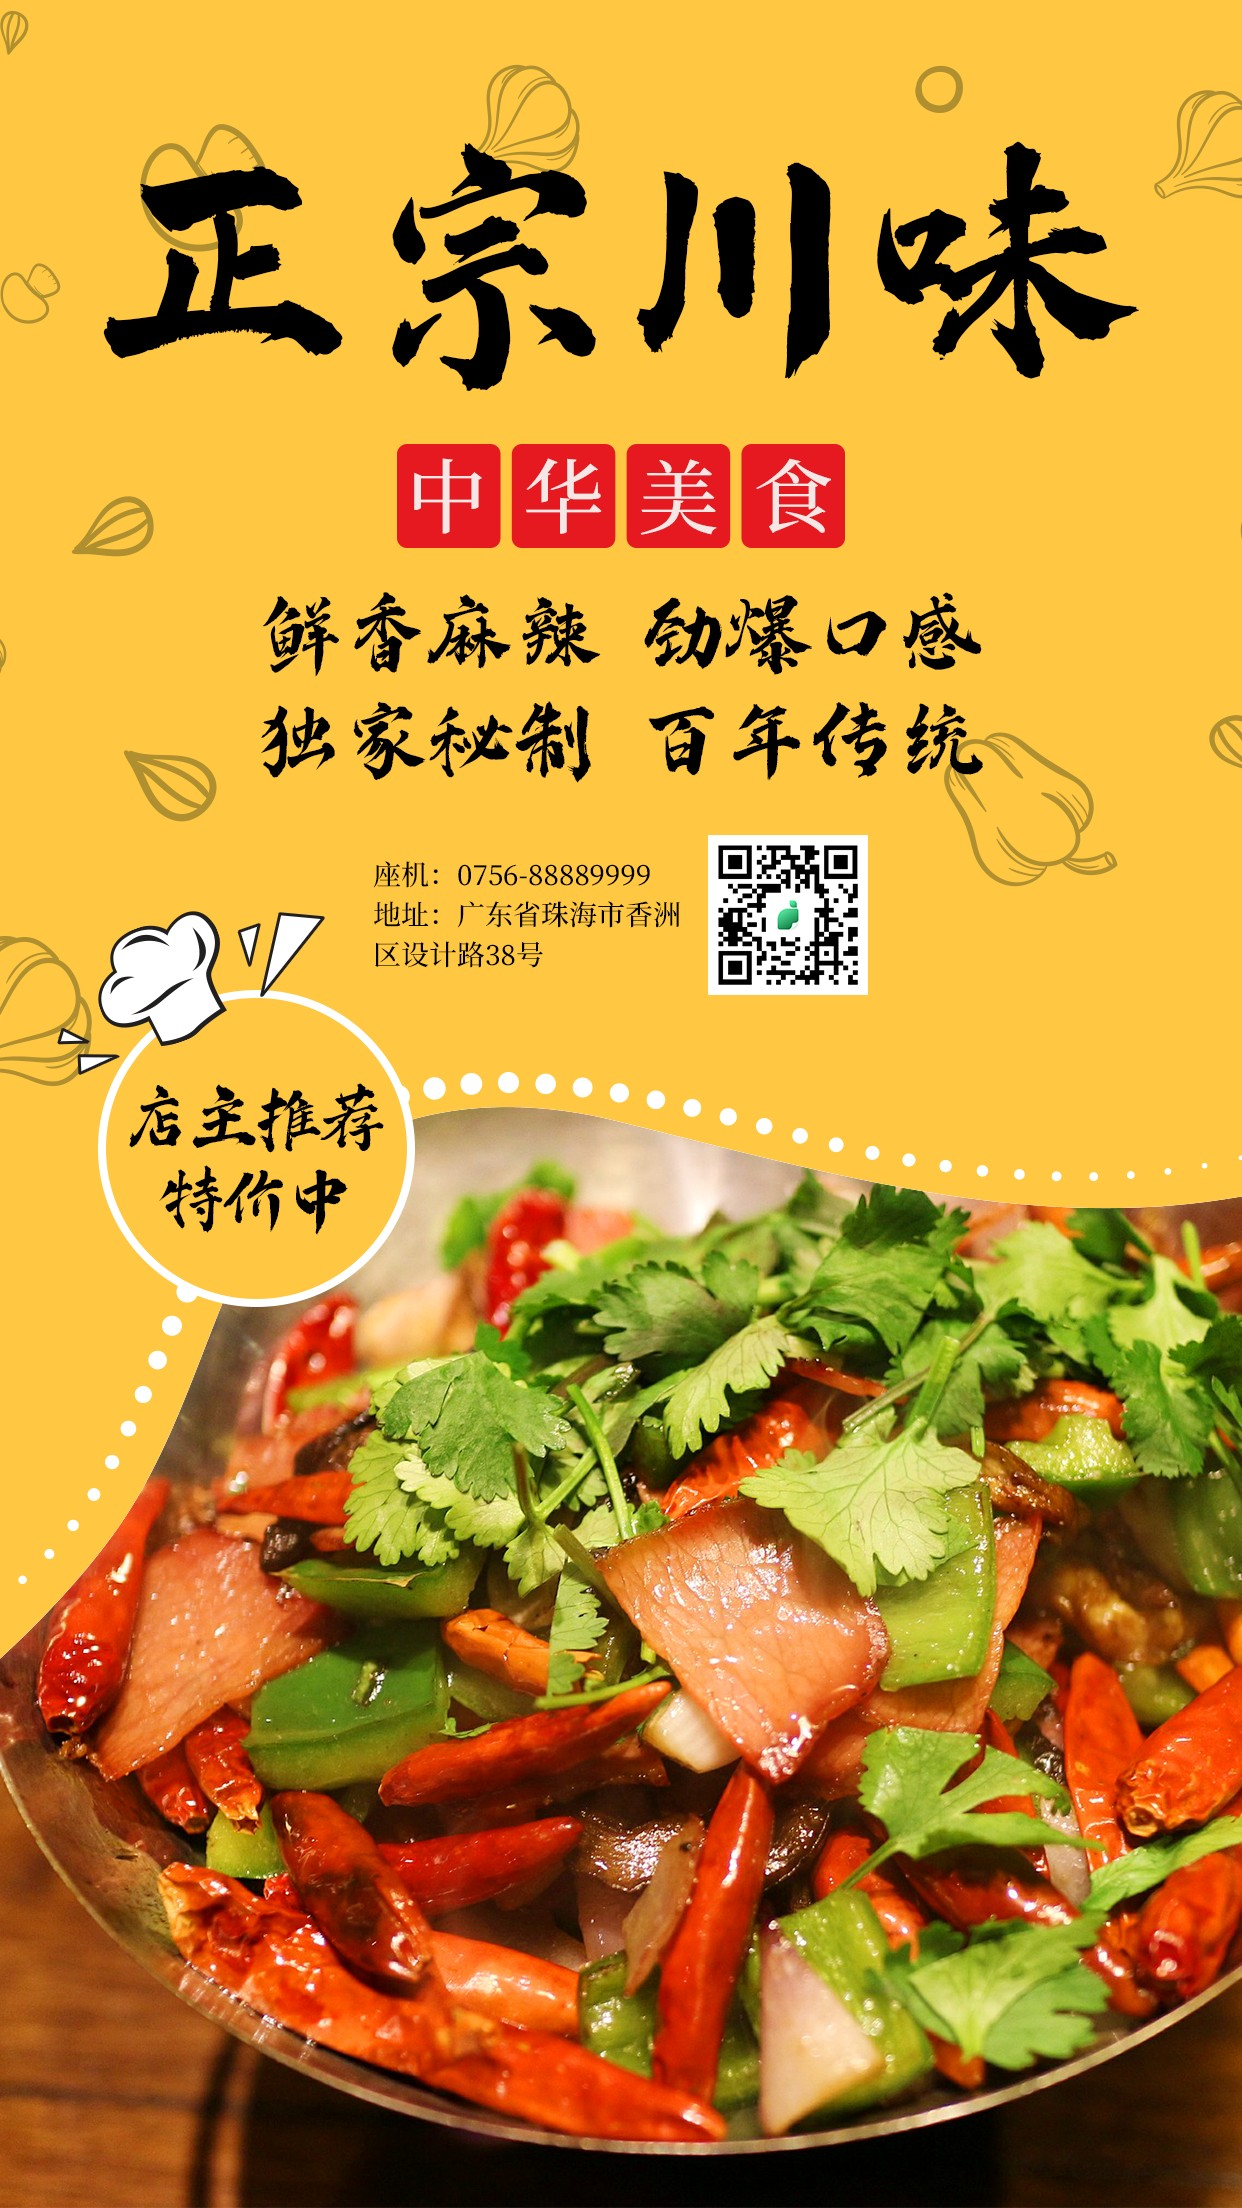 喜庆餐饮美食推荐手机海报